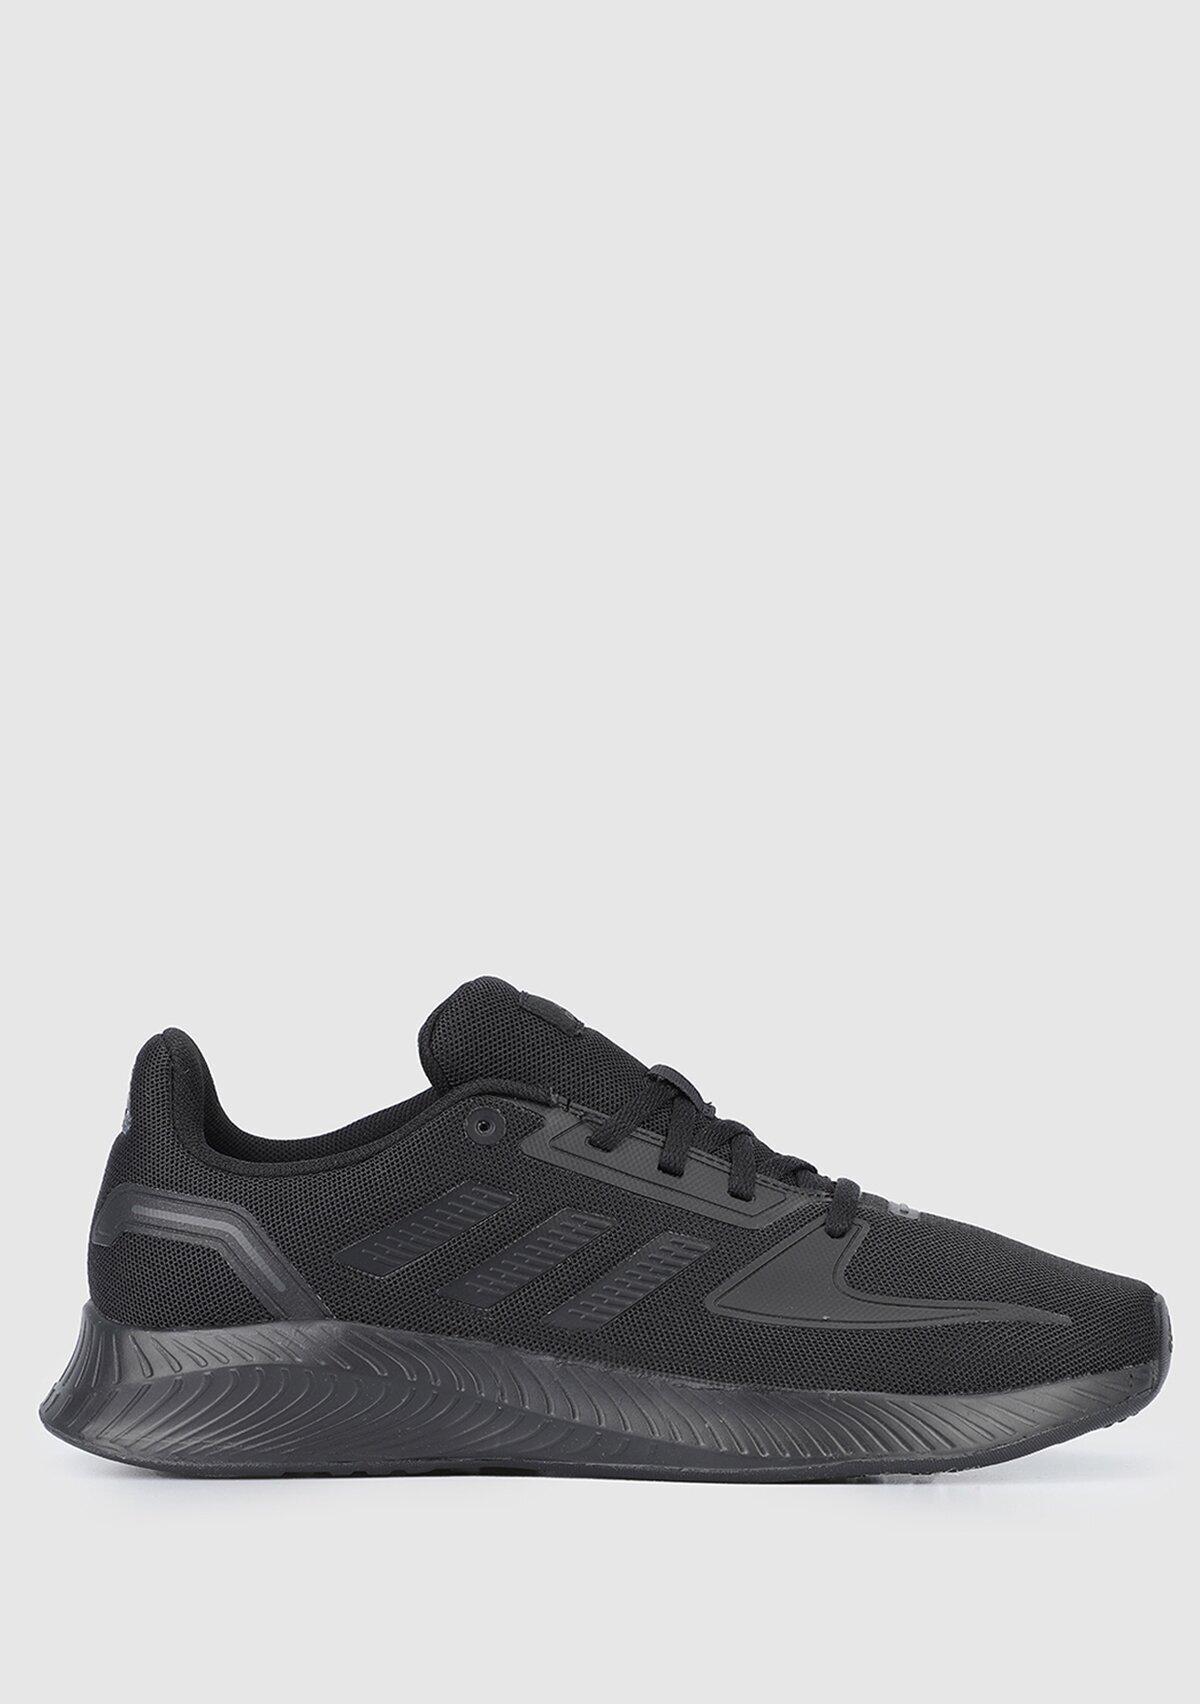 resm Runfalcon 2.0 K Siyah Kadın Koşu Ayakkabısı Fy9494